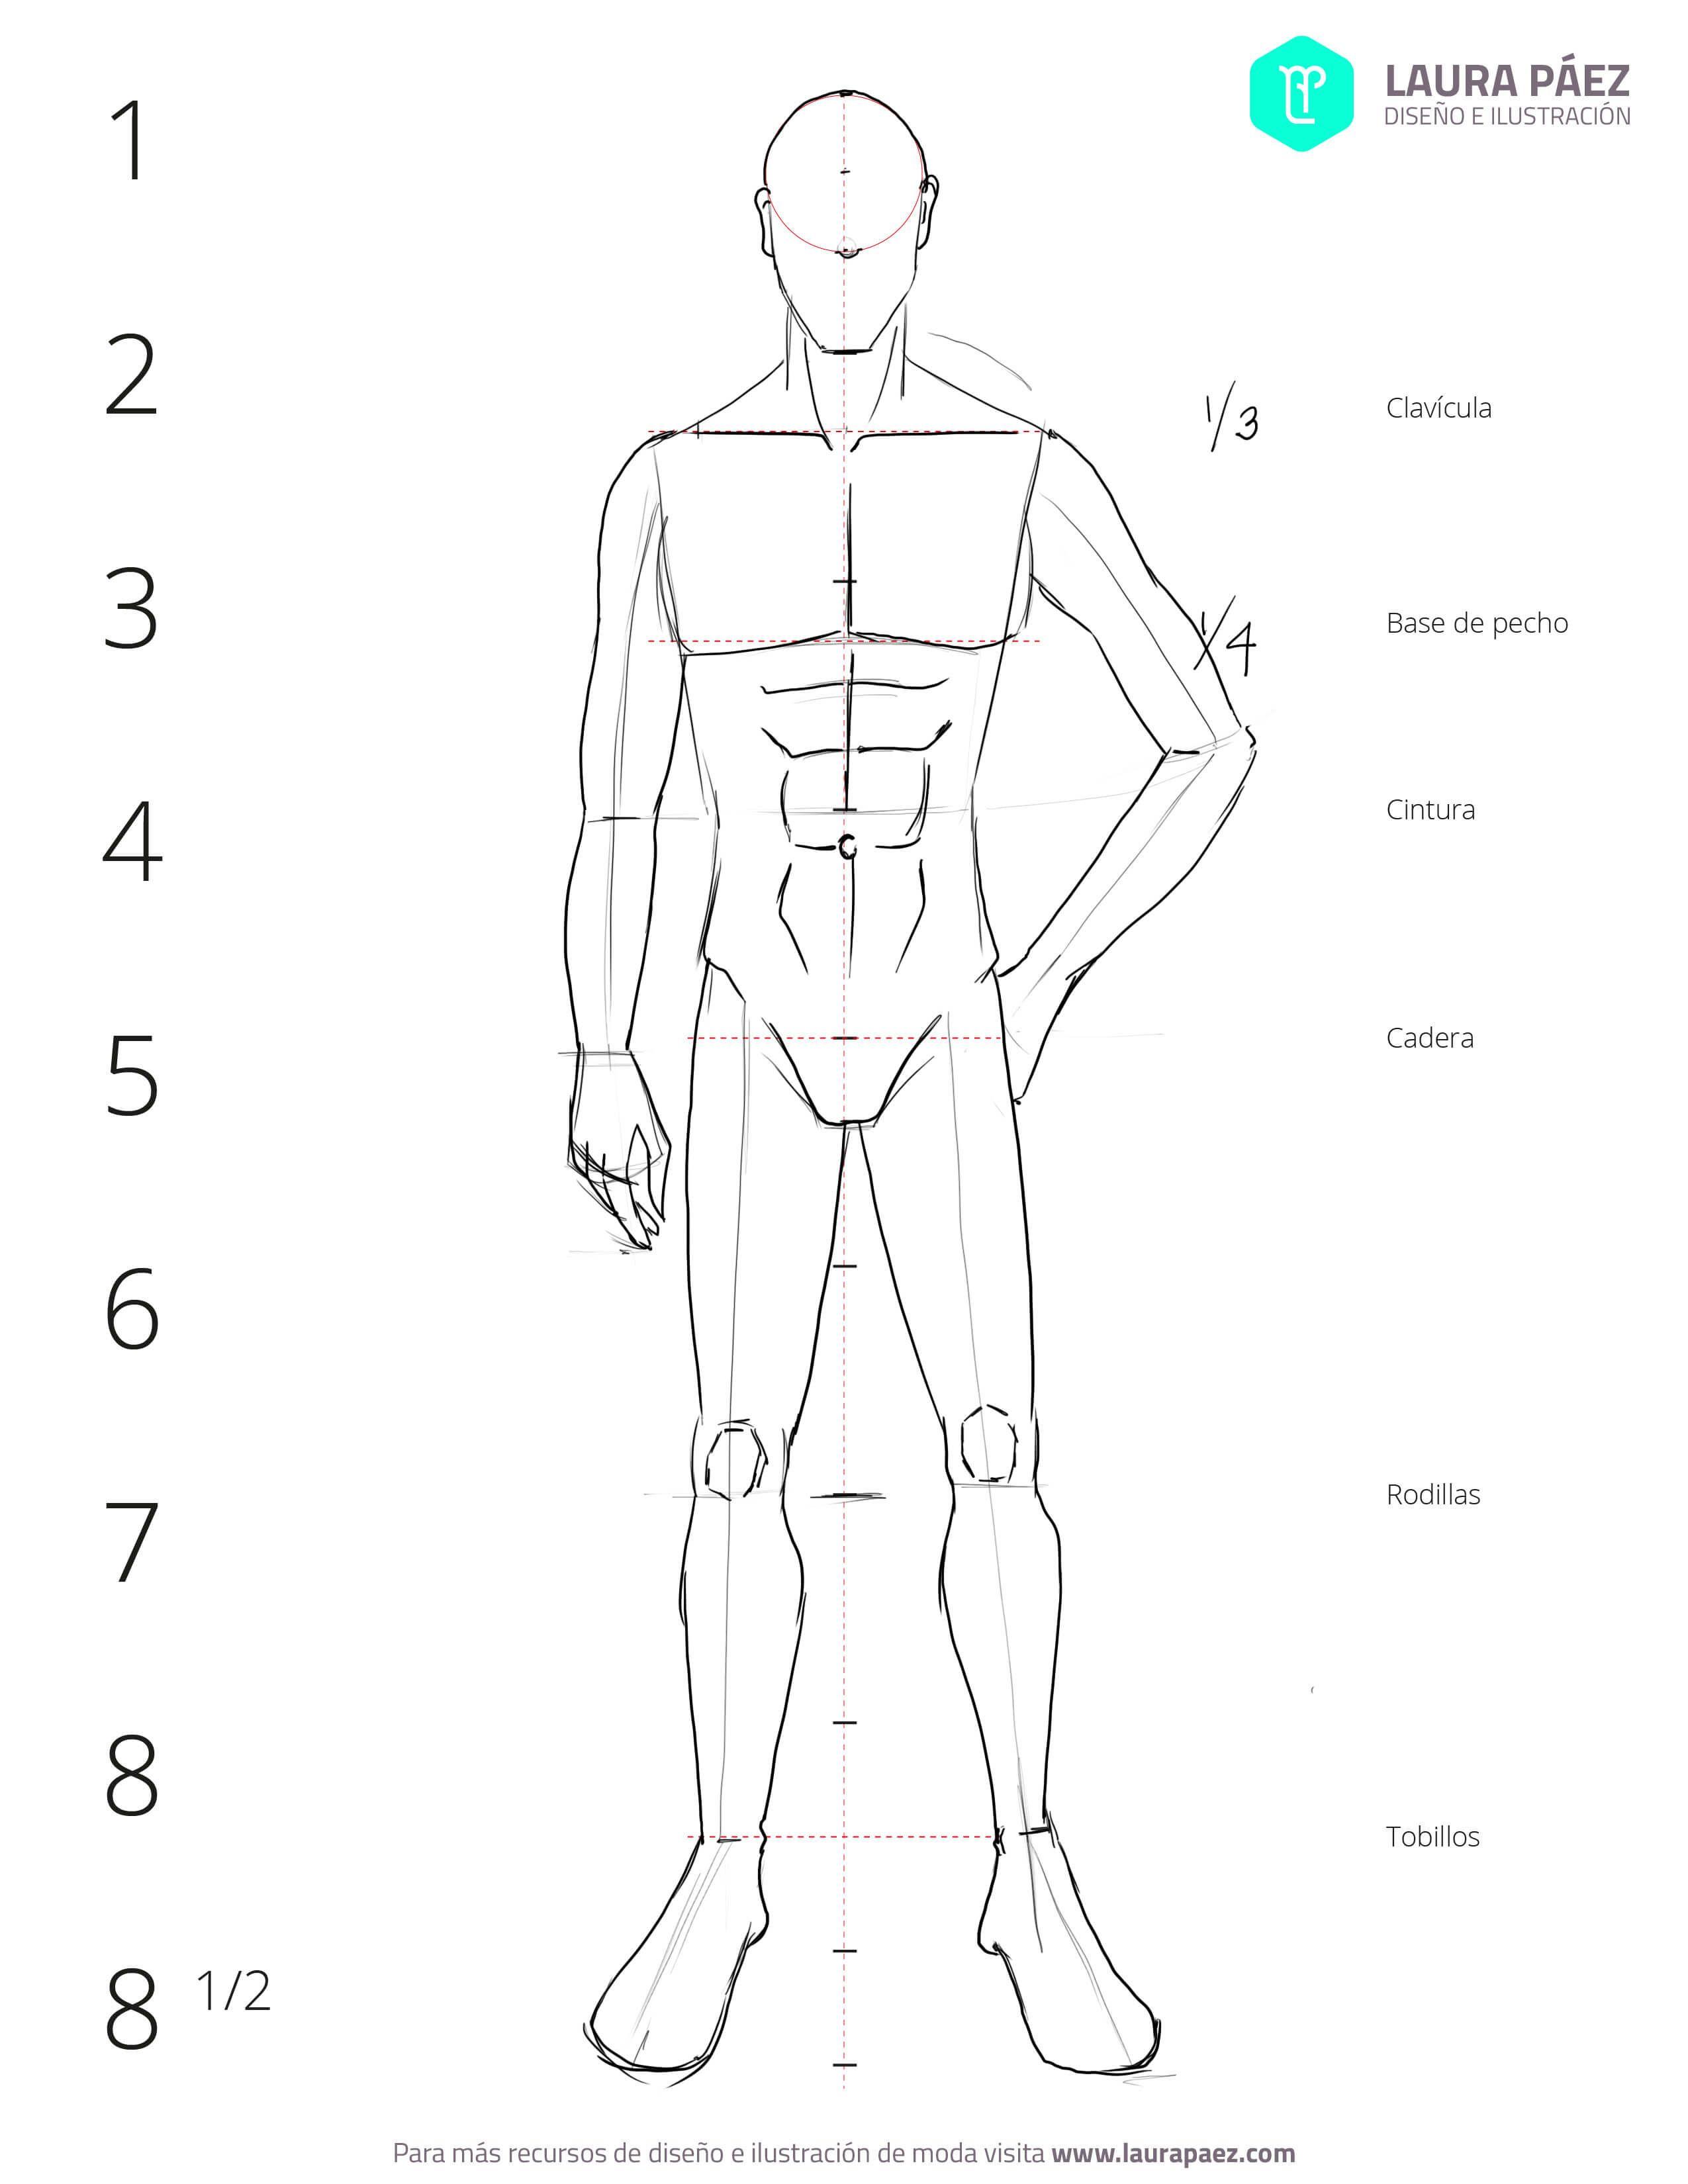 Cómo dibujar un figurín masculino: proporciones | Cómo dibujar ...